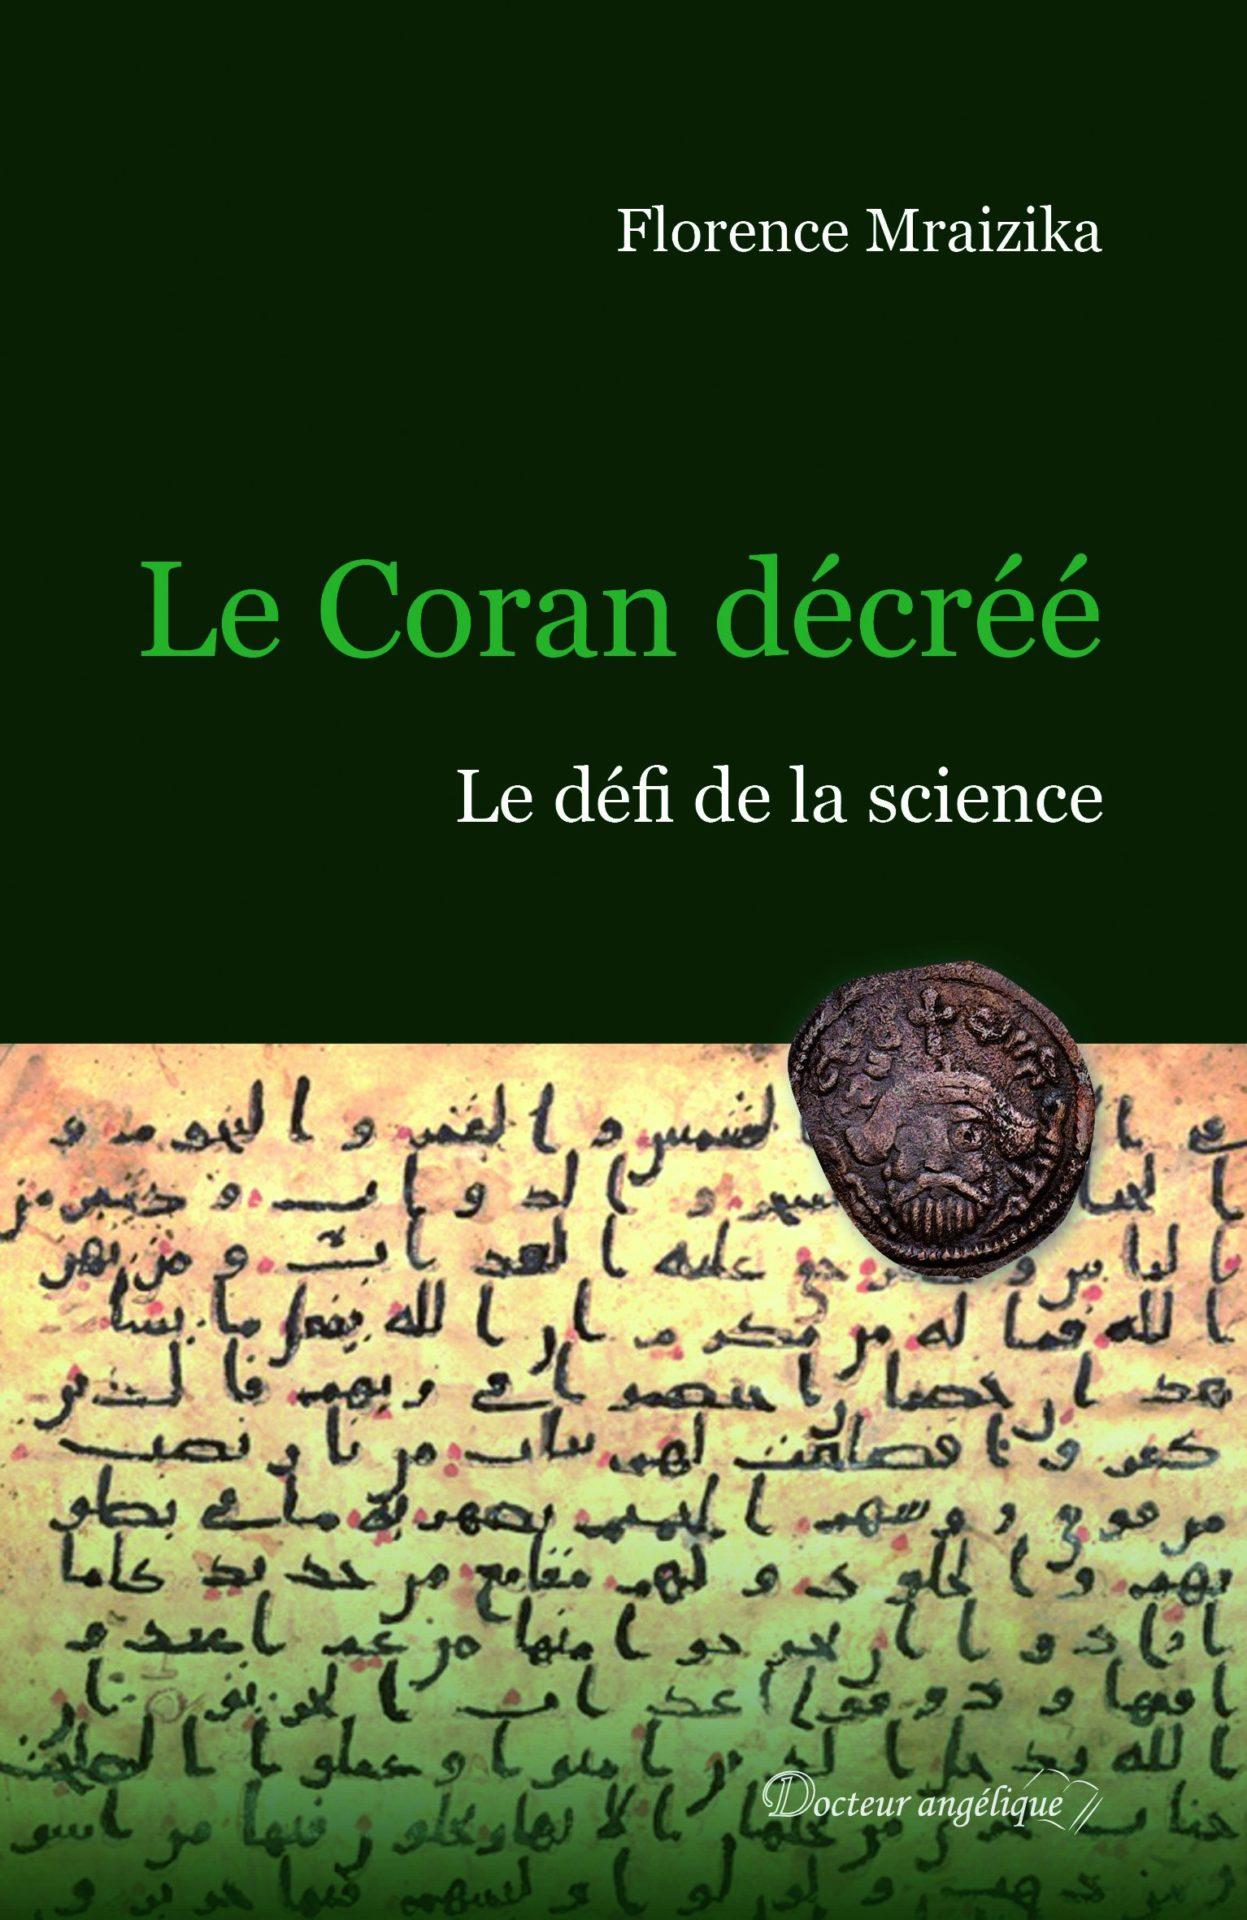 Le Coran décréé, Florence Mraizika (Docteur Angelique).